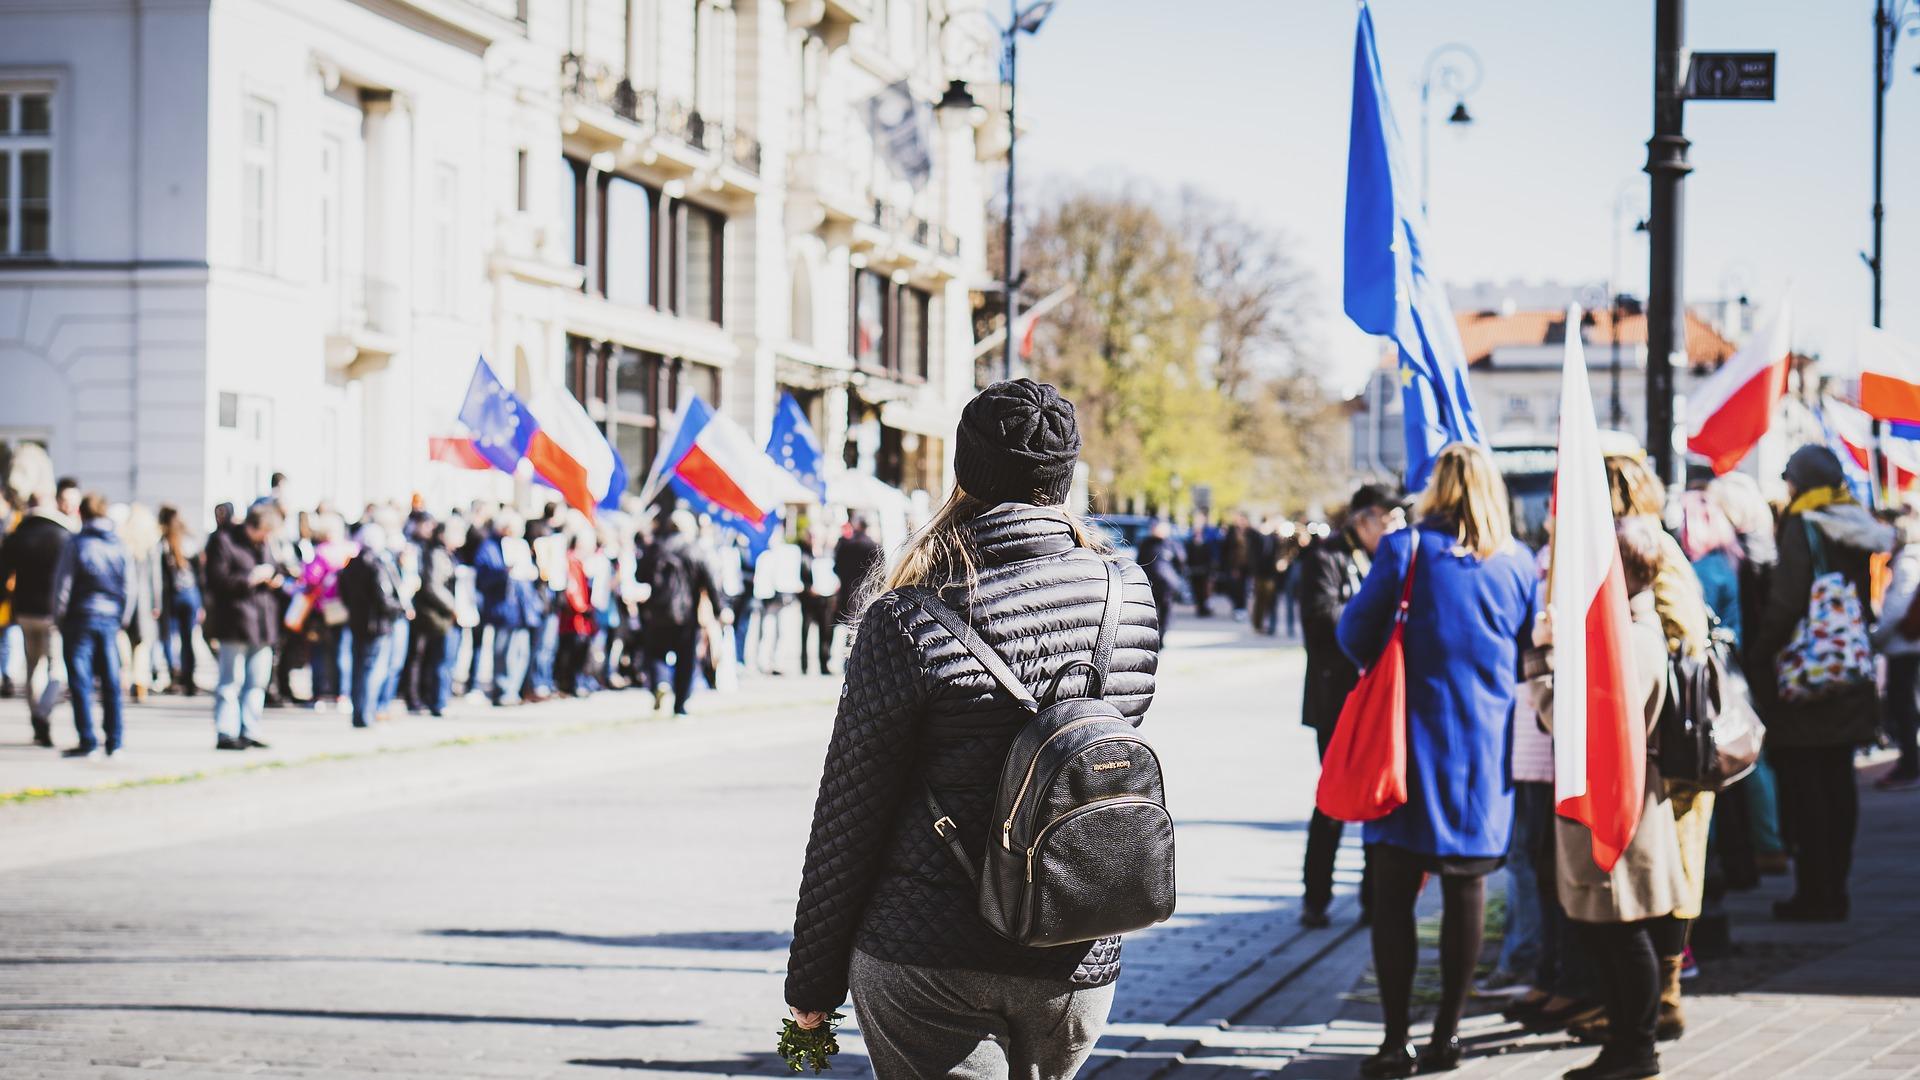 La décision du Tribunal constitutionnel polonais : un coup d'Etat contre le patrimoine constitutionnel européen